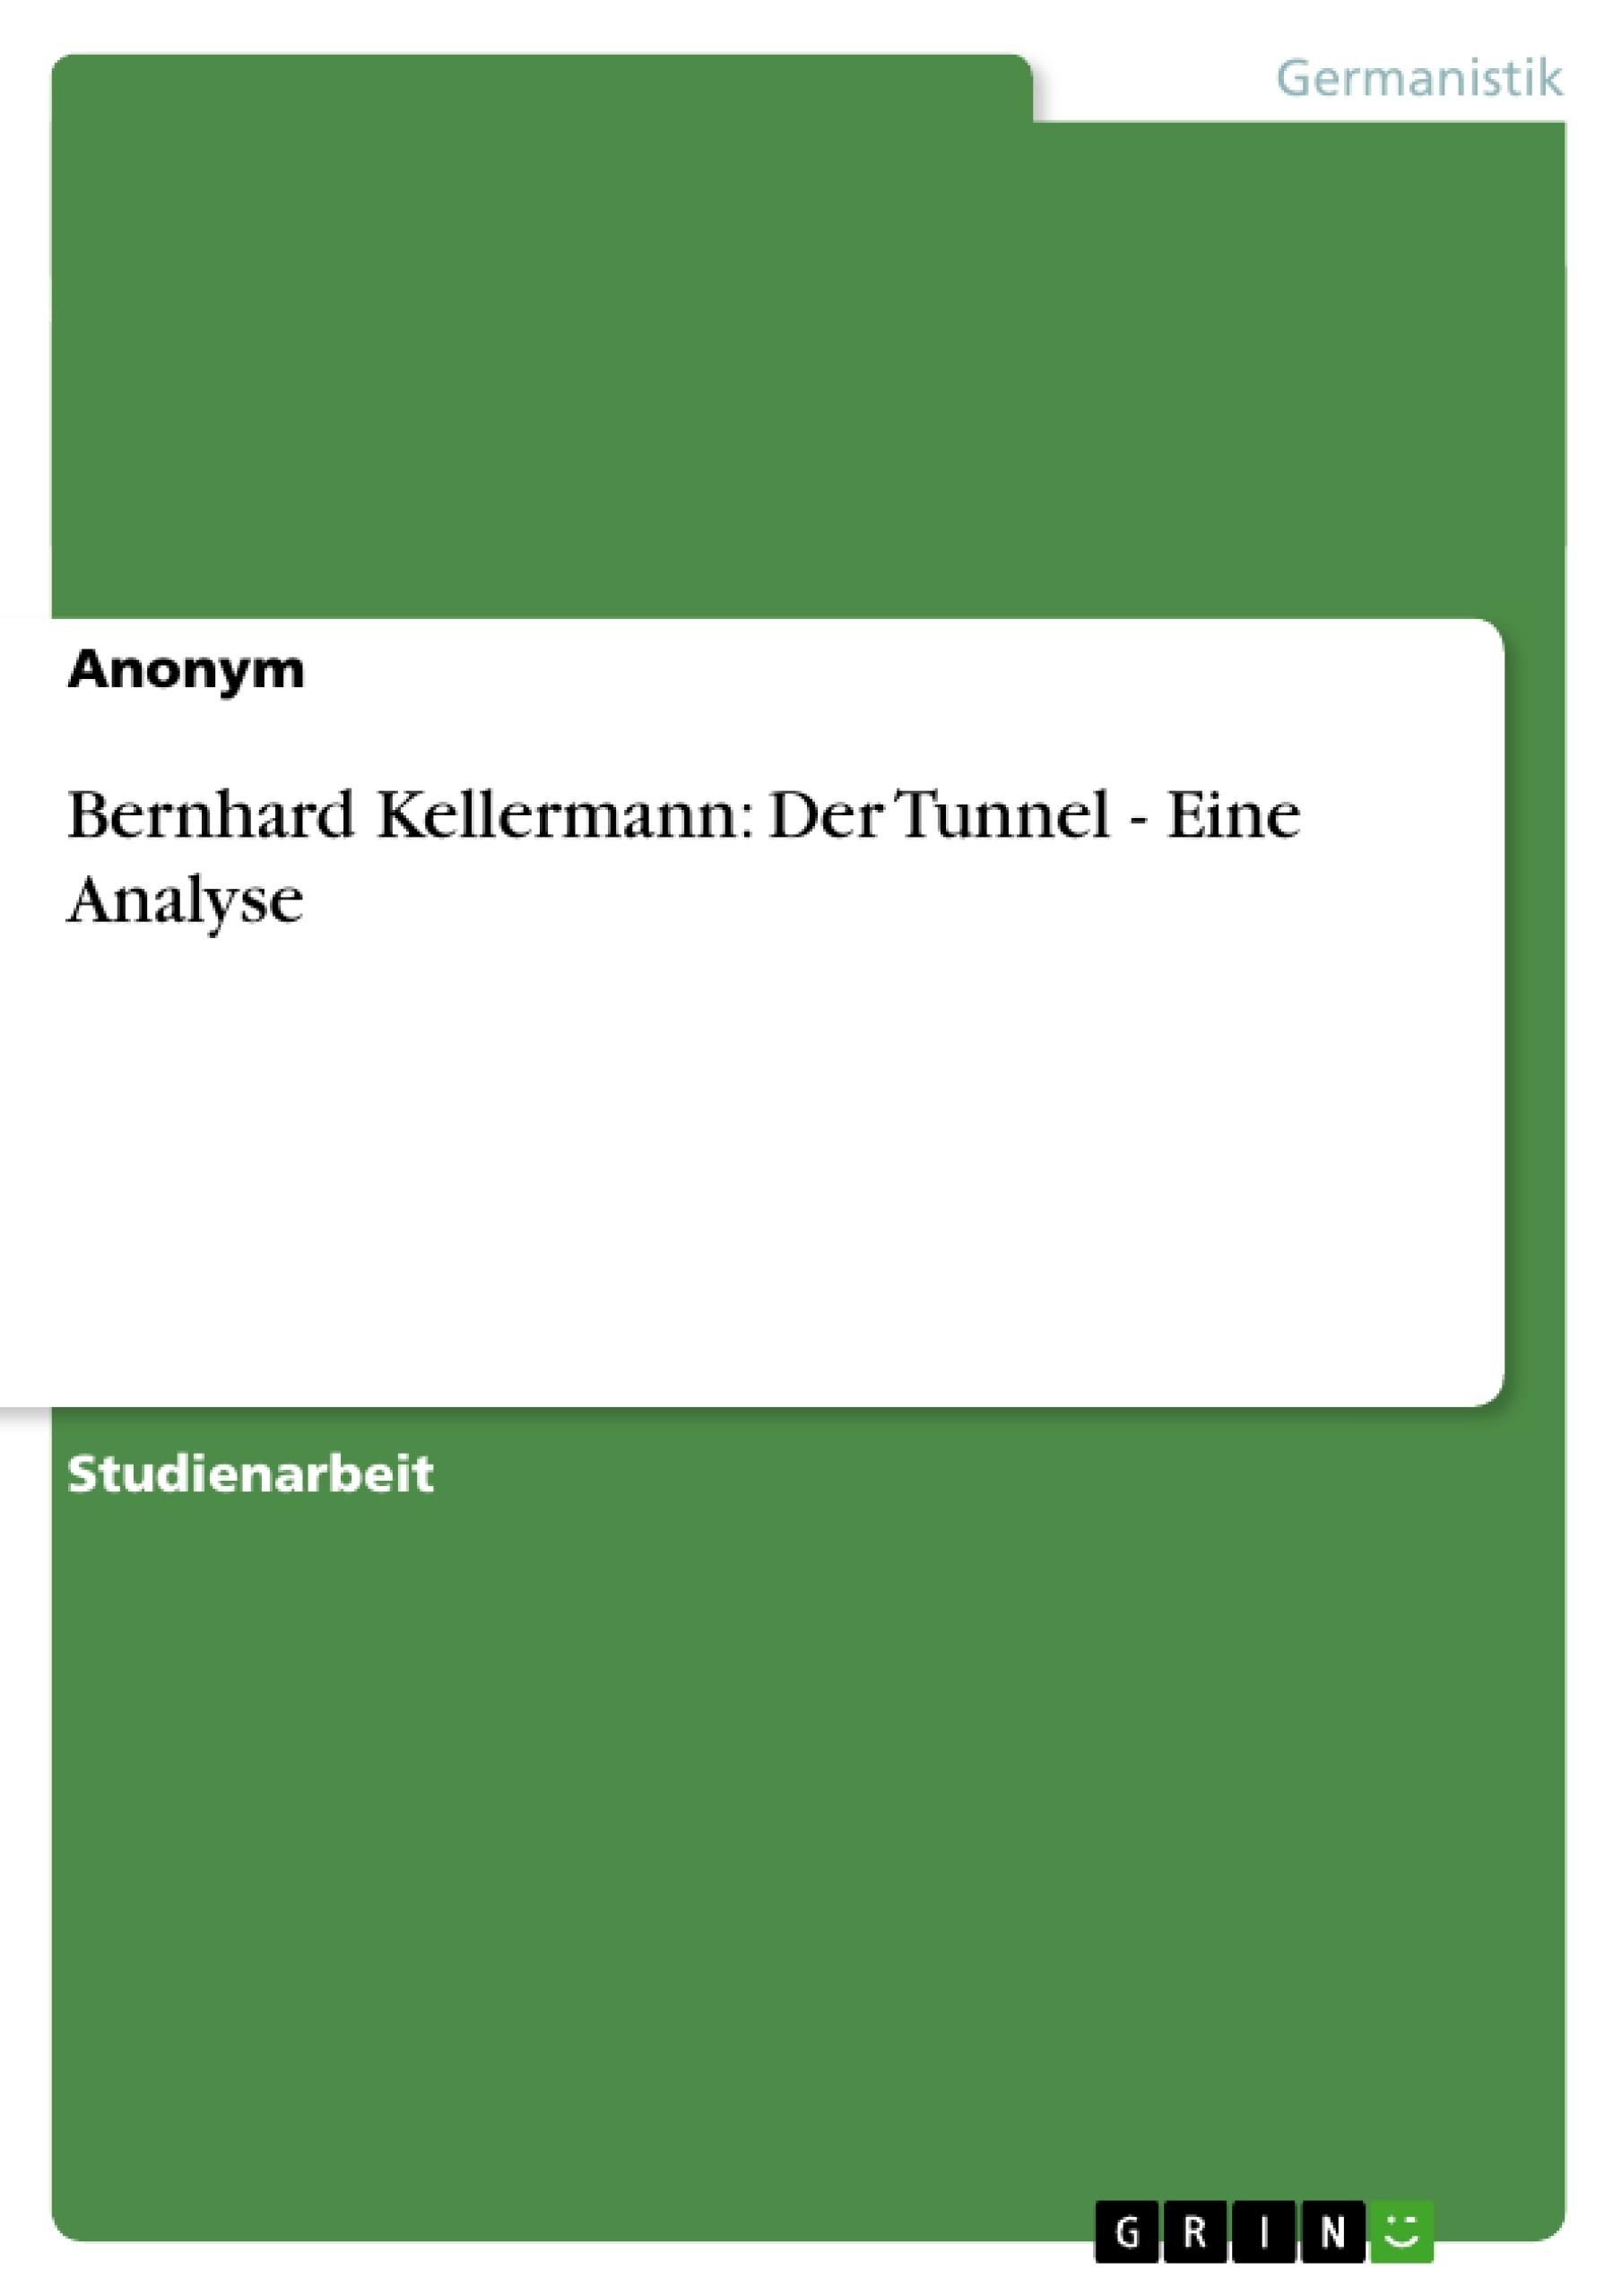 Titel: Bernhard Kellermann: Der Tunnel - Eine Analyse